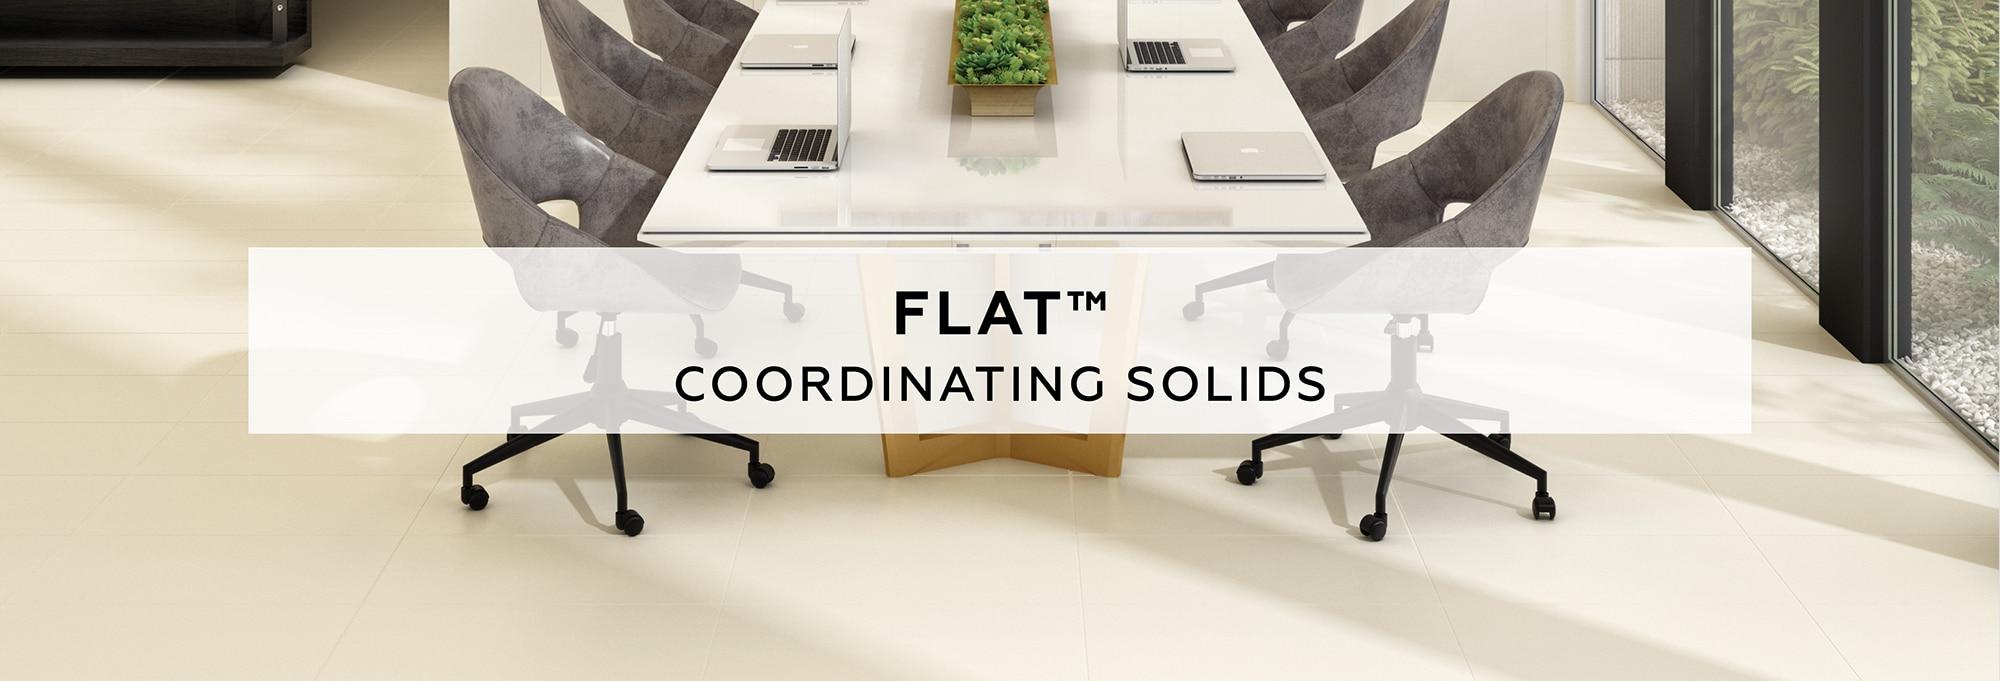 Flat coordinating solids